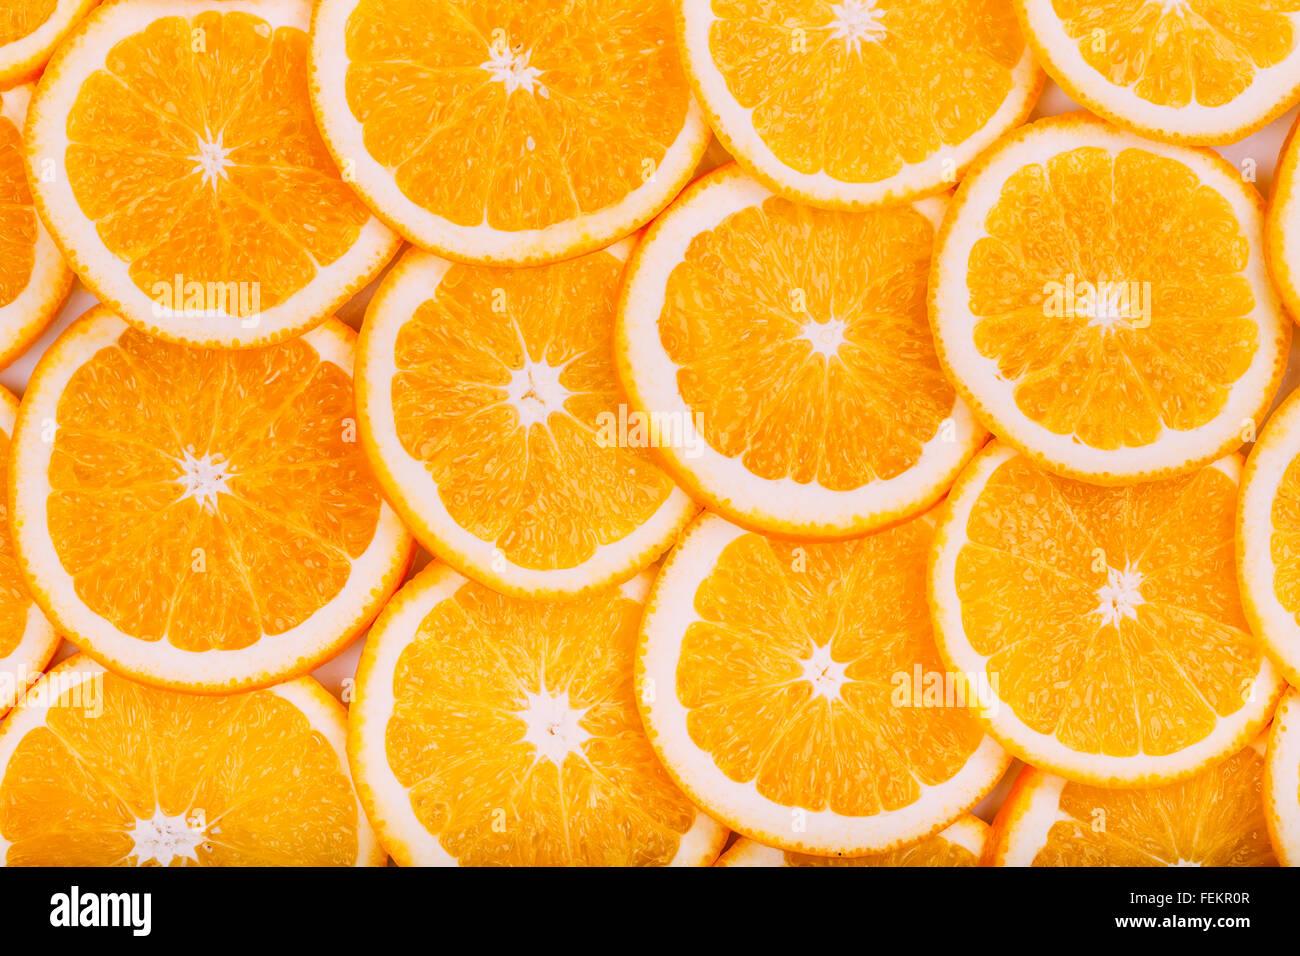 Orange Fruit Background. Summer Oranges. Healthy Food Concept - Stock Image